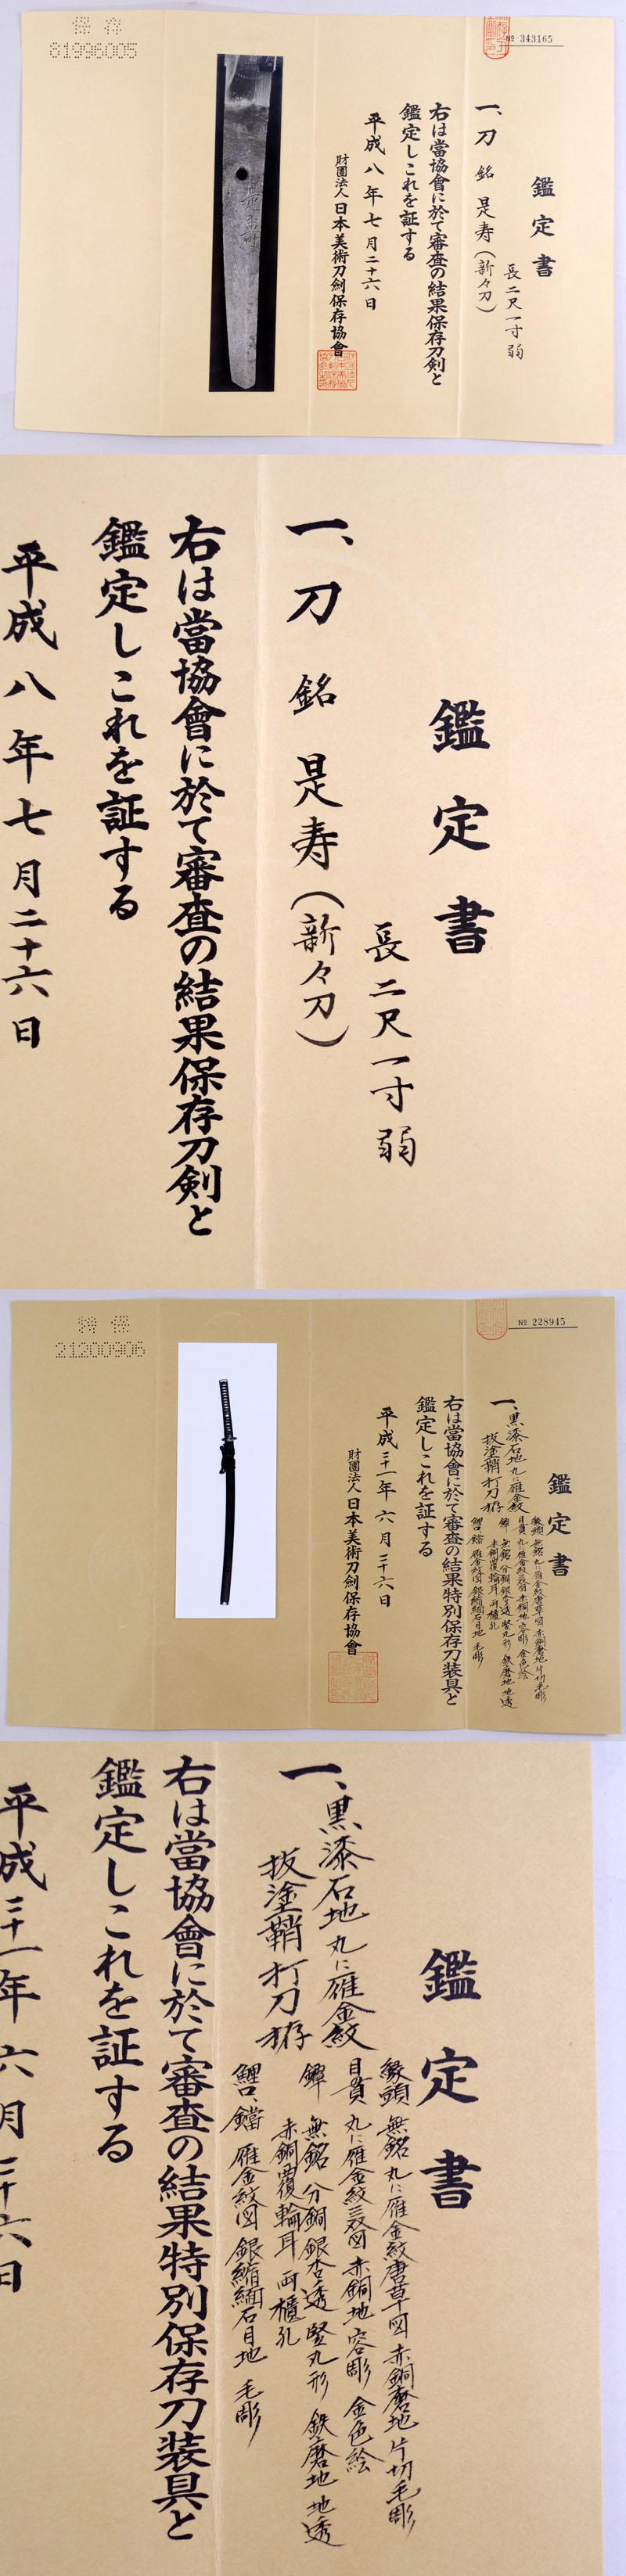 是寿 Picture of Certificate